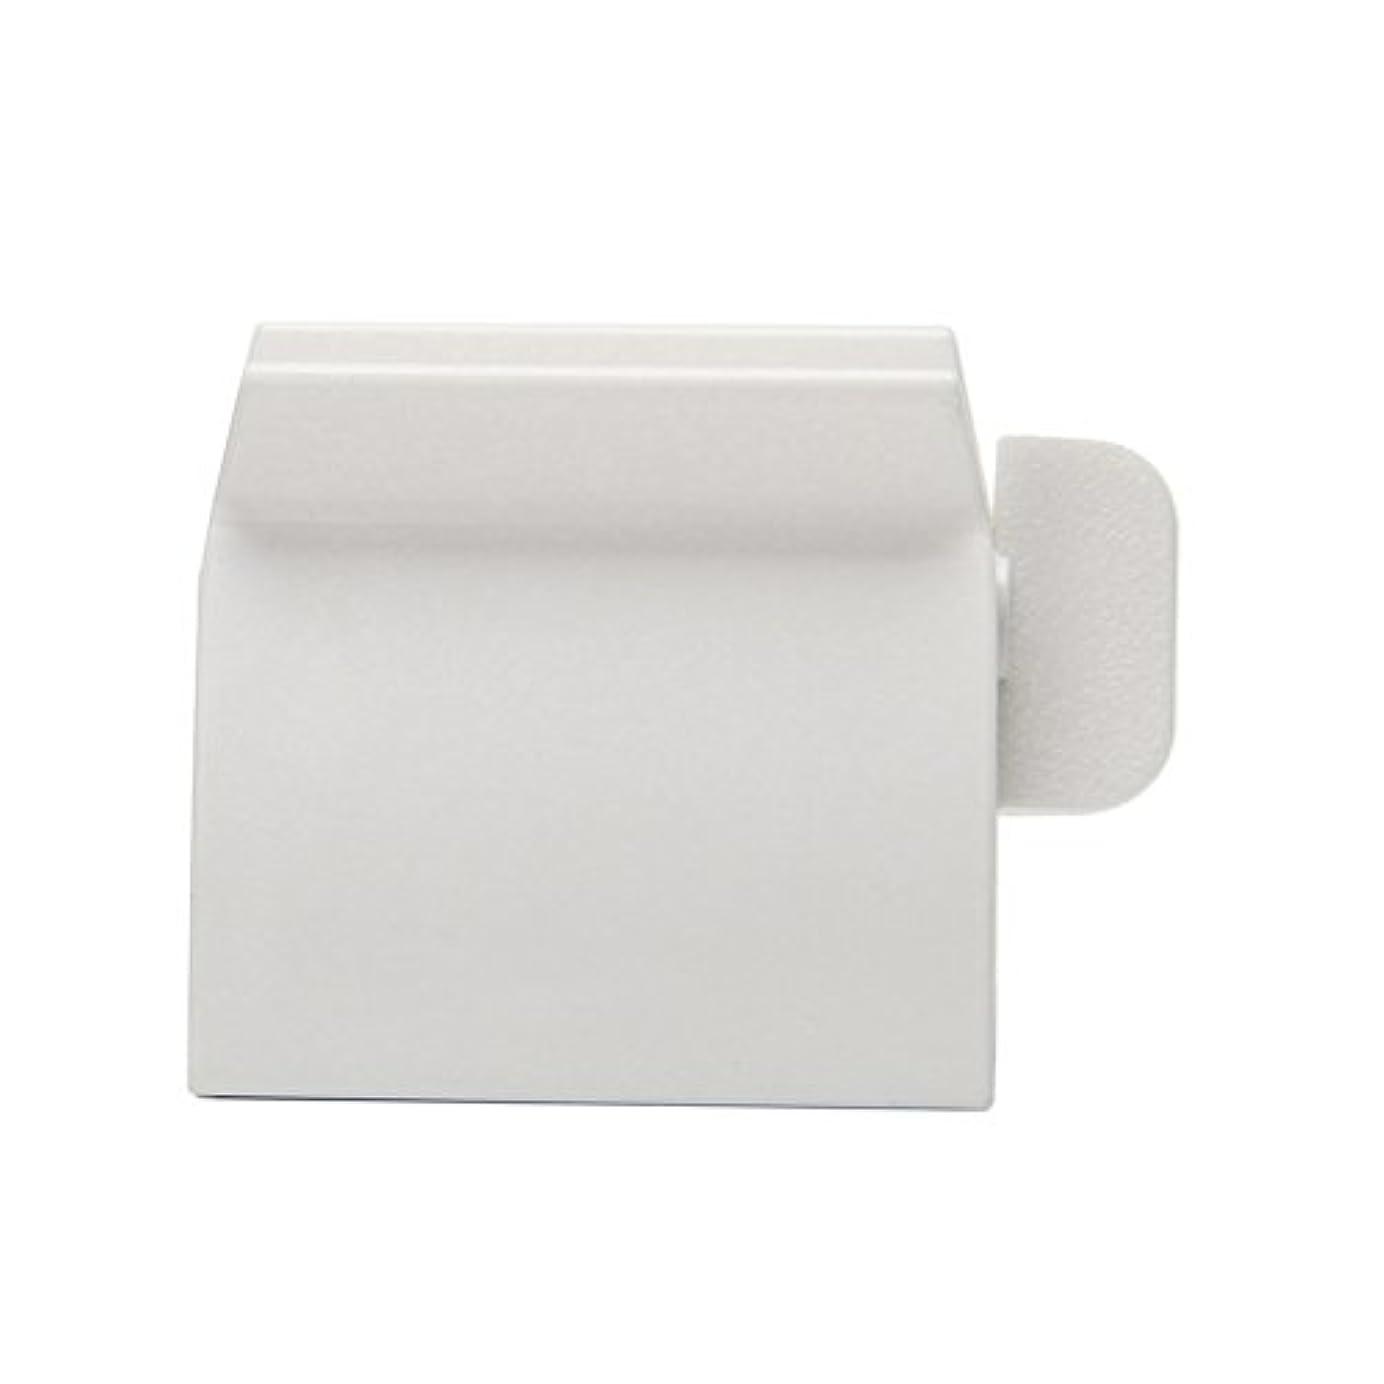 確認するリビジョン過半数Lamdoo浴室ホームチューブローリングホルダースクイーザ簡単歯磨き粉ディスペンサー